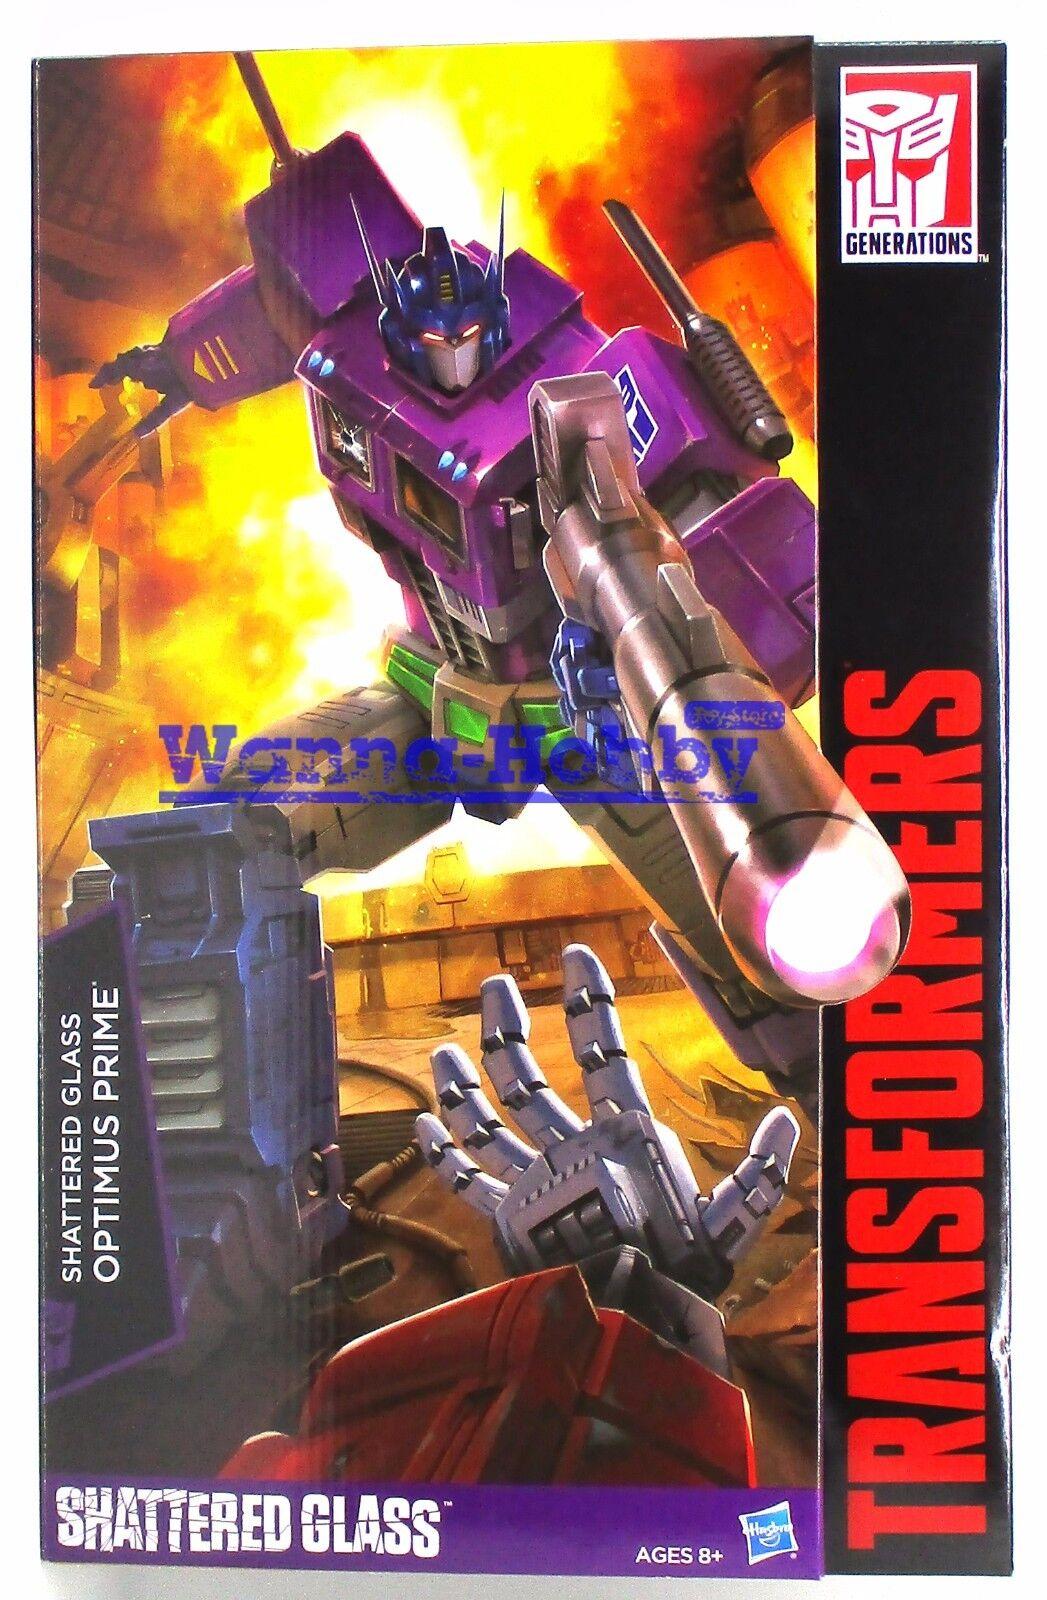 Para tu estilo de juego a los precios más baratos. W 。 H Menta en caja sellada 03599 Transformers Transformers Transformers Masterpiece MP-10 SG Roto Vidrio Optimus Prime  diseño simple y generoso